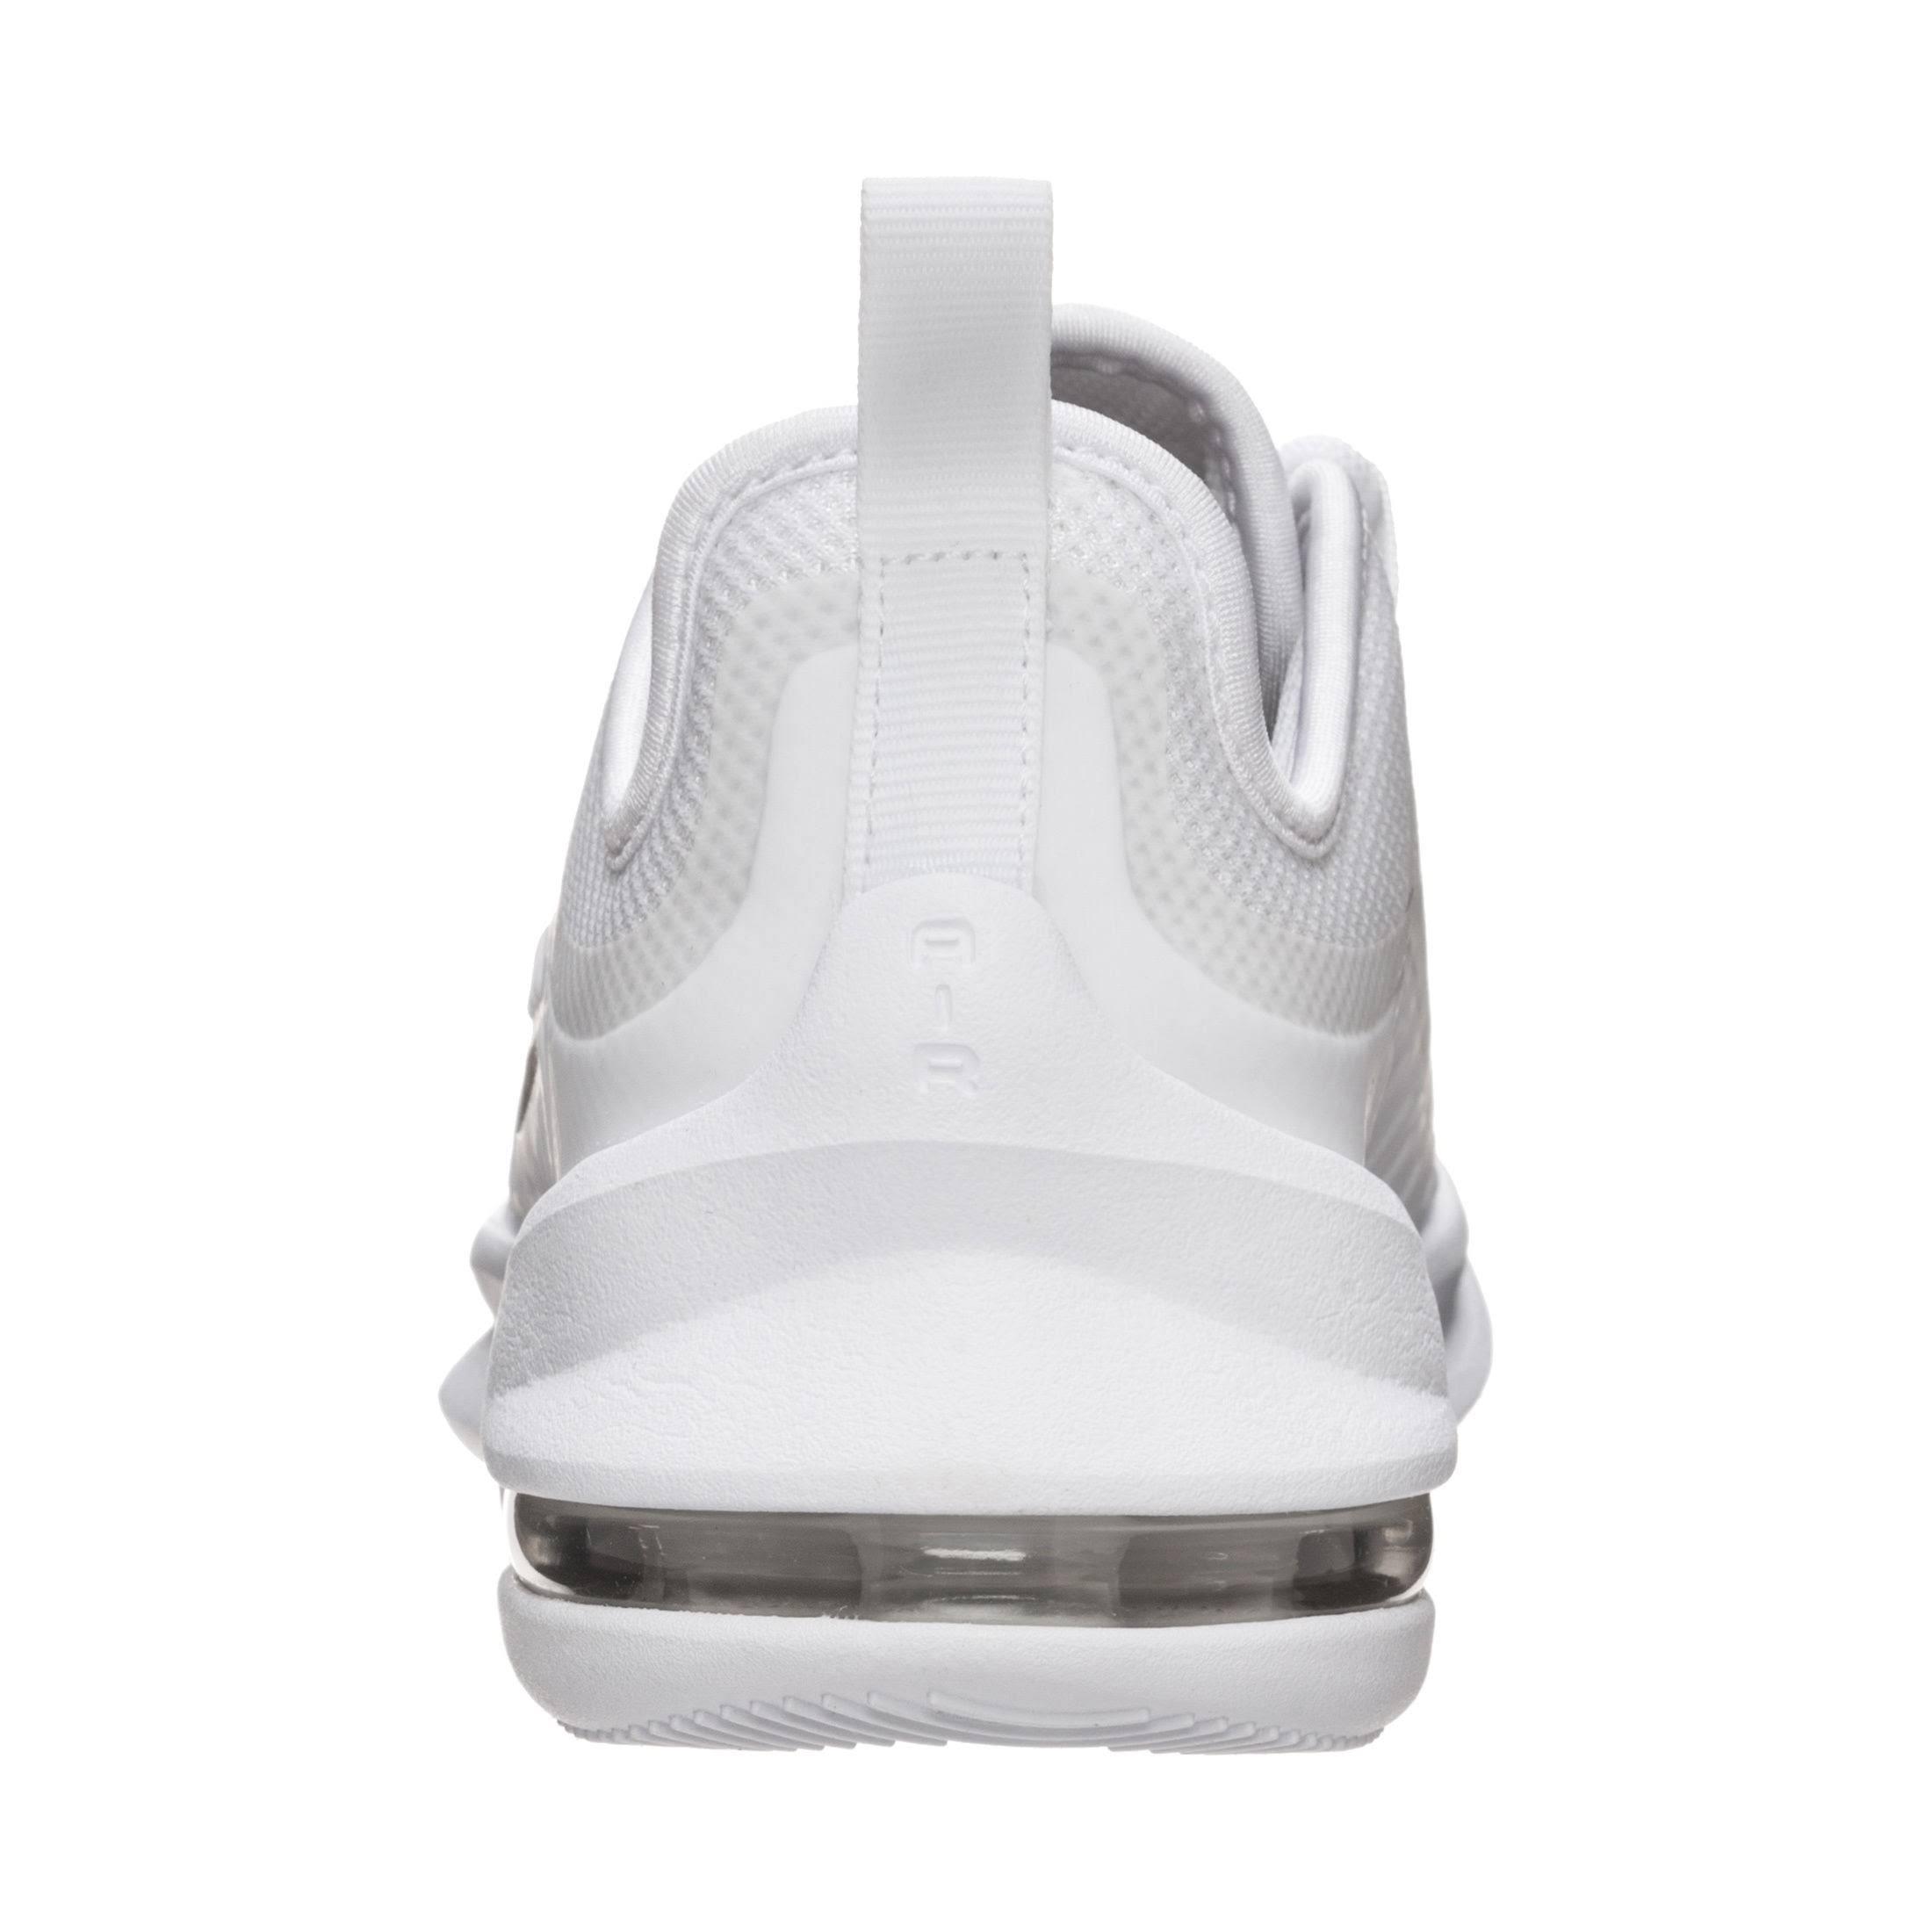 Ah5222 Axis Ayakakbı Beyaz Spor Nike Max Kadın Air 100 YnwTAvOx